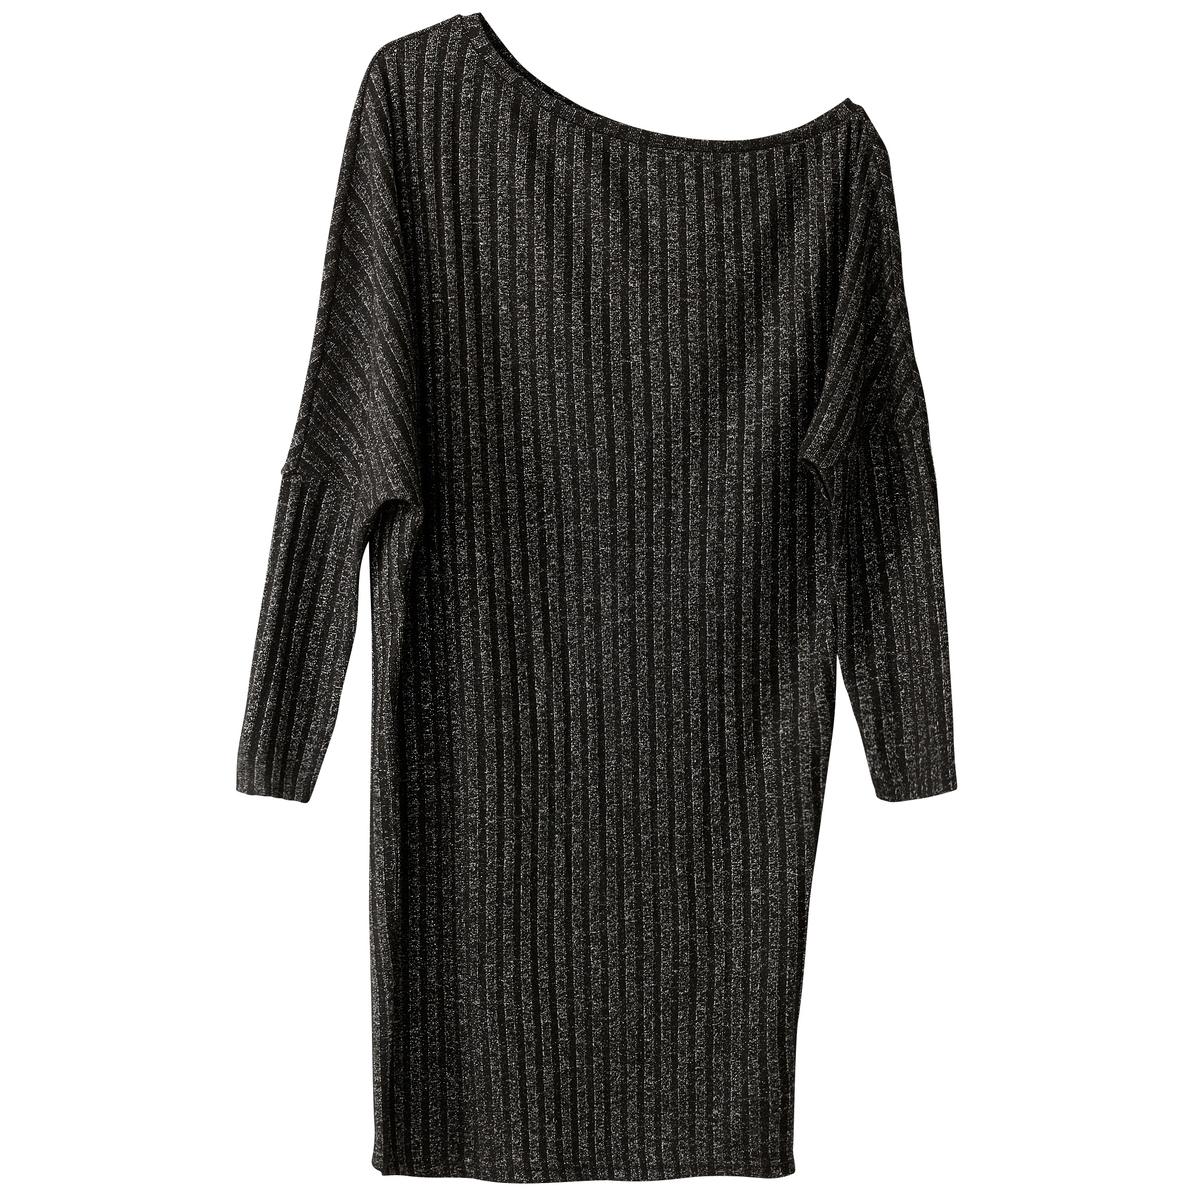 Платье прямое однотонное, средней длины, с длинными рукавамиДетали •  Форма : прямая •  Длина до колен •  Длинные рукава    •  Без воротникаСостав и уход •  60% хлопка, 40% полиэстера •  Следуйте рекомендациям по уходу, указанным на этикетке изделия<br><br>Цвет: розовый,черный<br>Размер: XL.XS